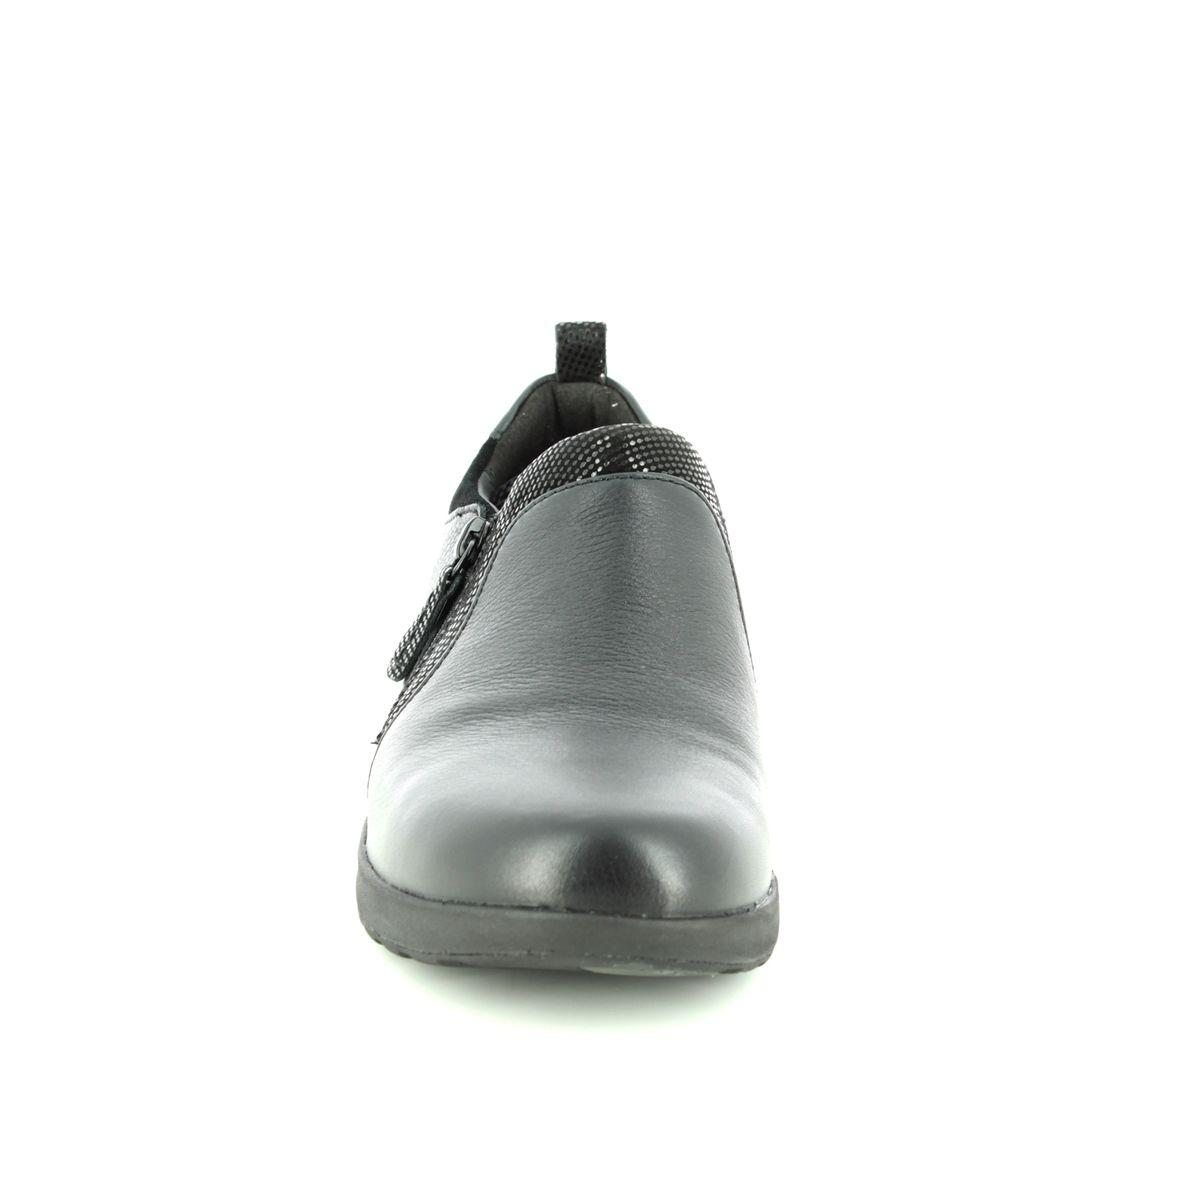 0010be83a44 Clarks Comfort Shoes - Black leather - 3701 75E UN ADORN ZIP